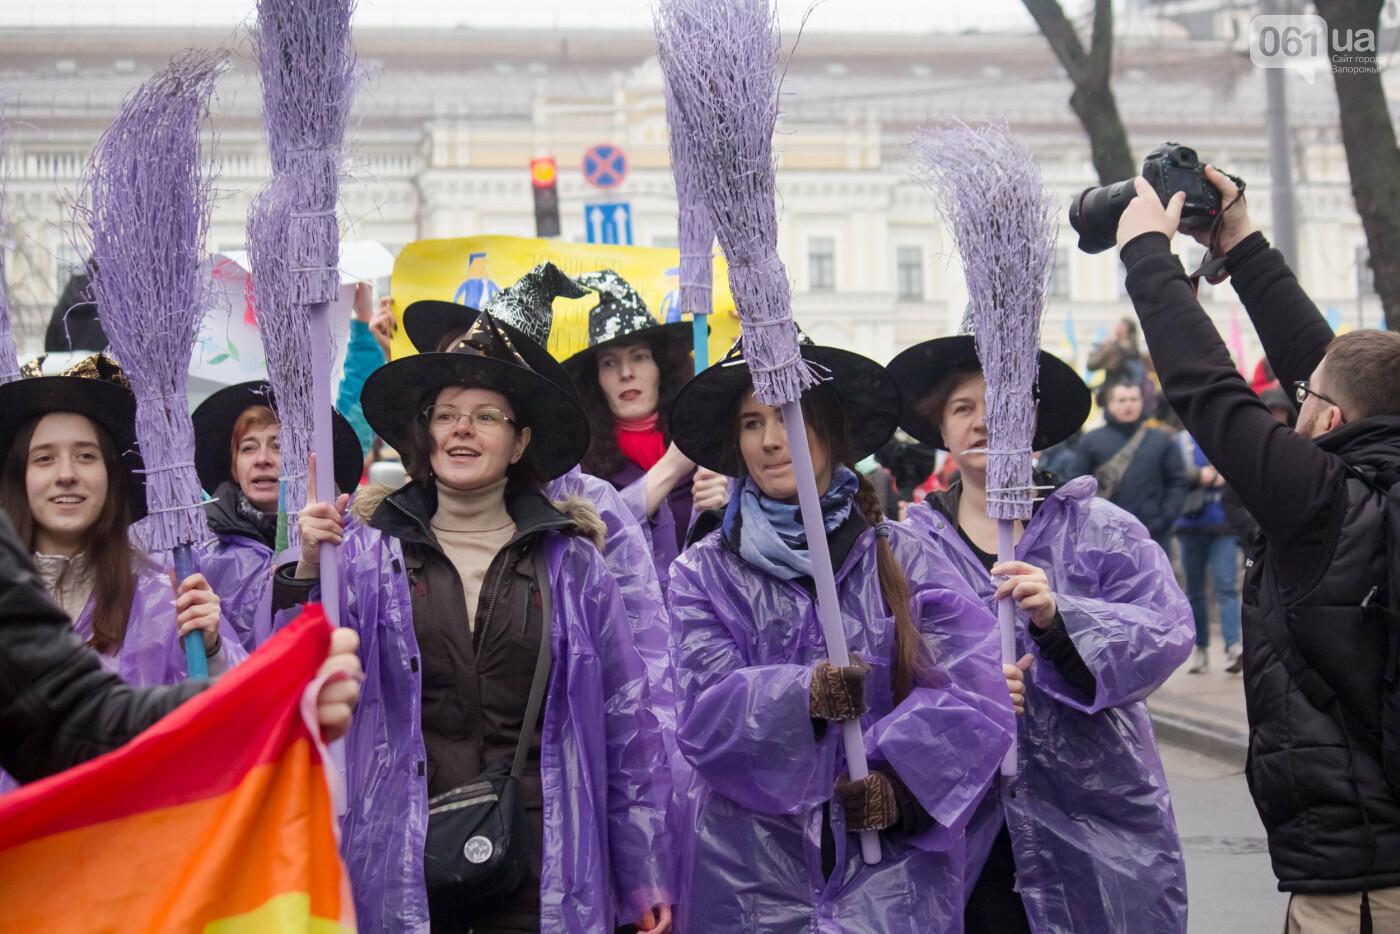 5 историй запорожцев, которые вышли на Марш женщин в Киеве: почему для них это важно, - ФОТОРЕПОРТАЖ, фото-27